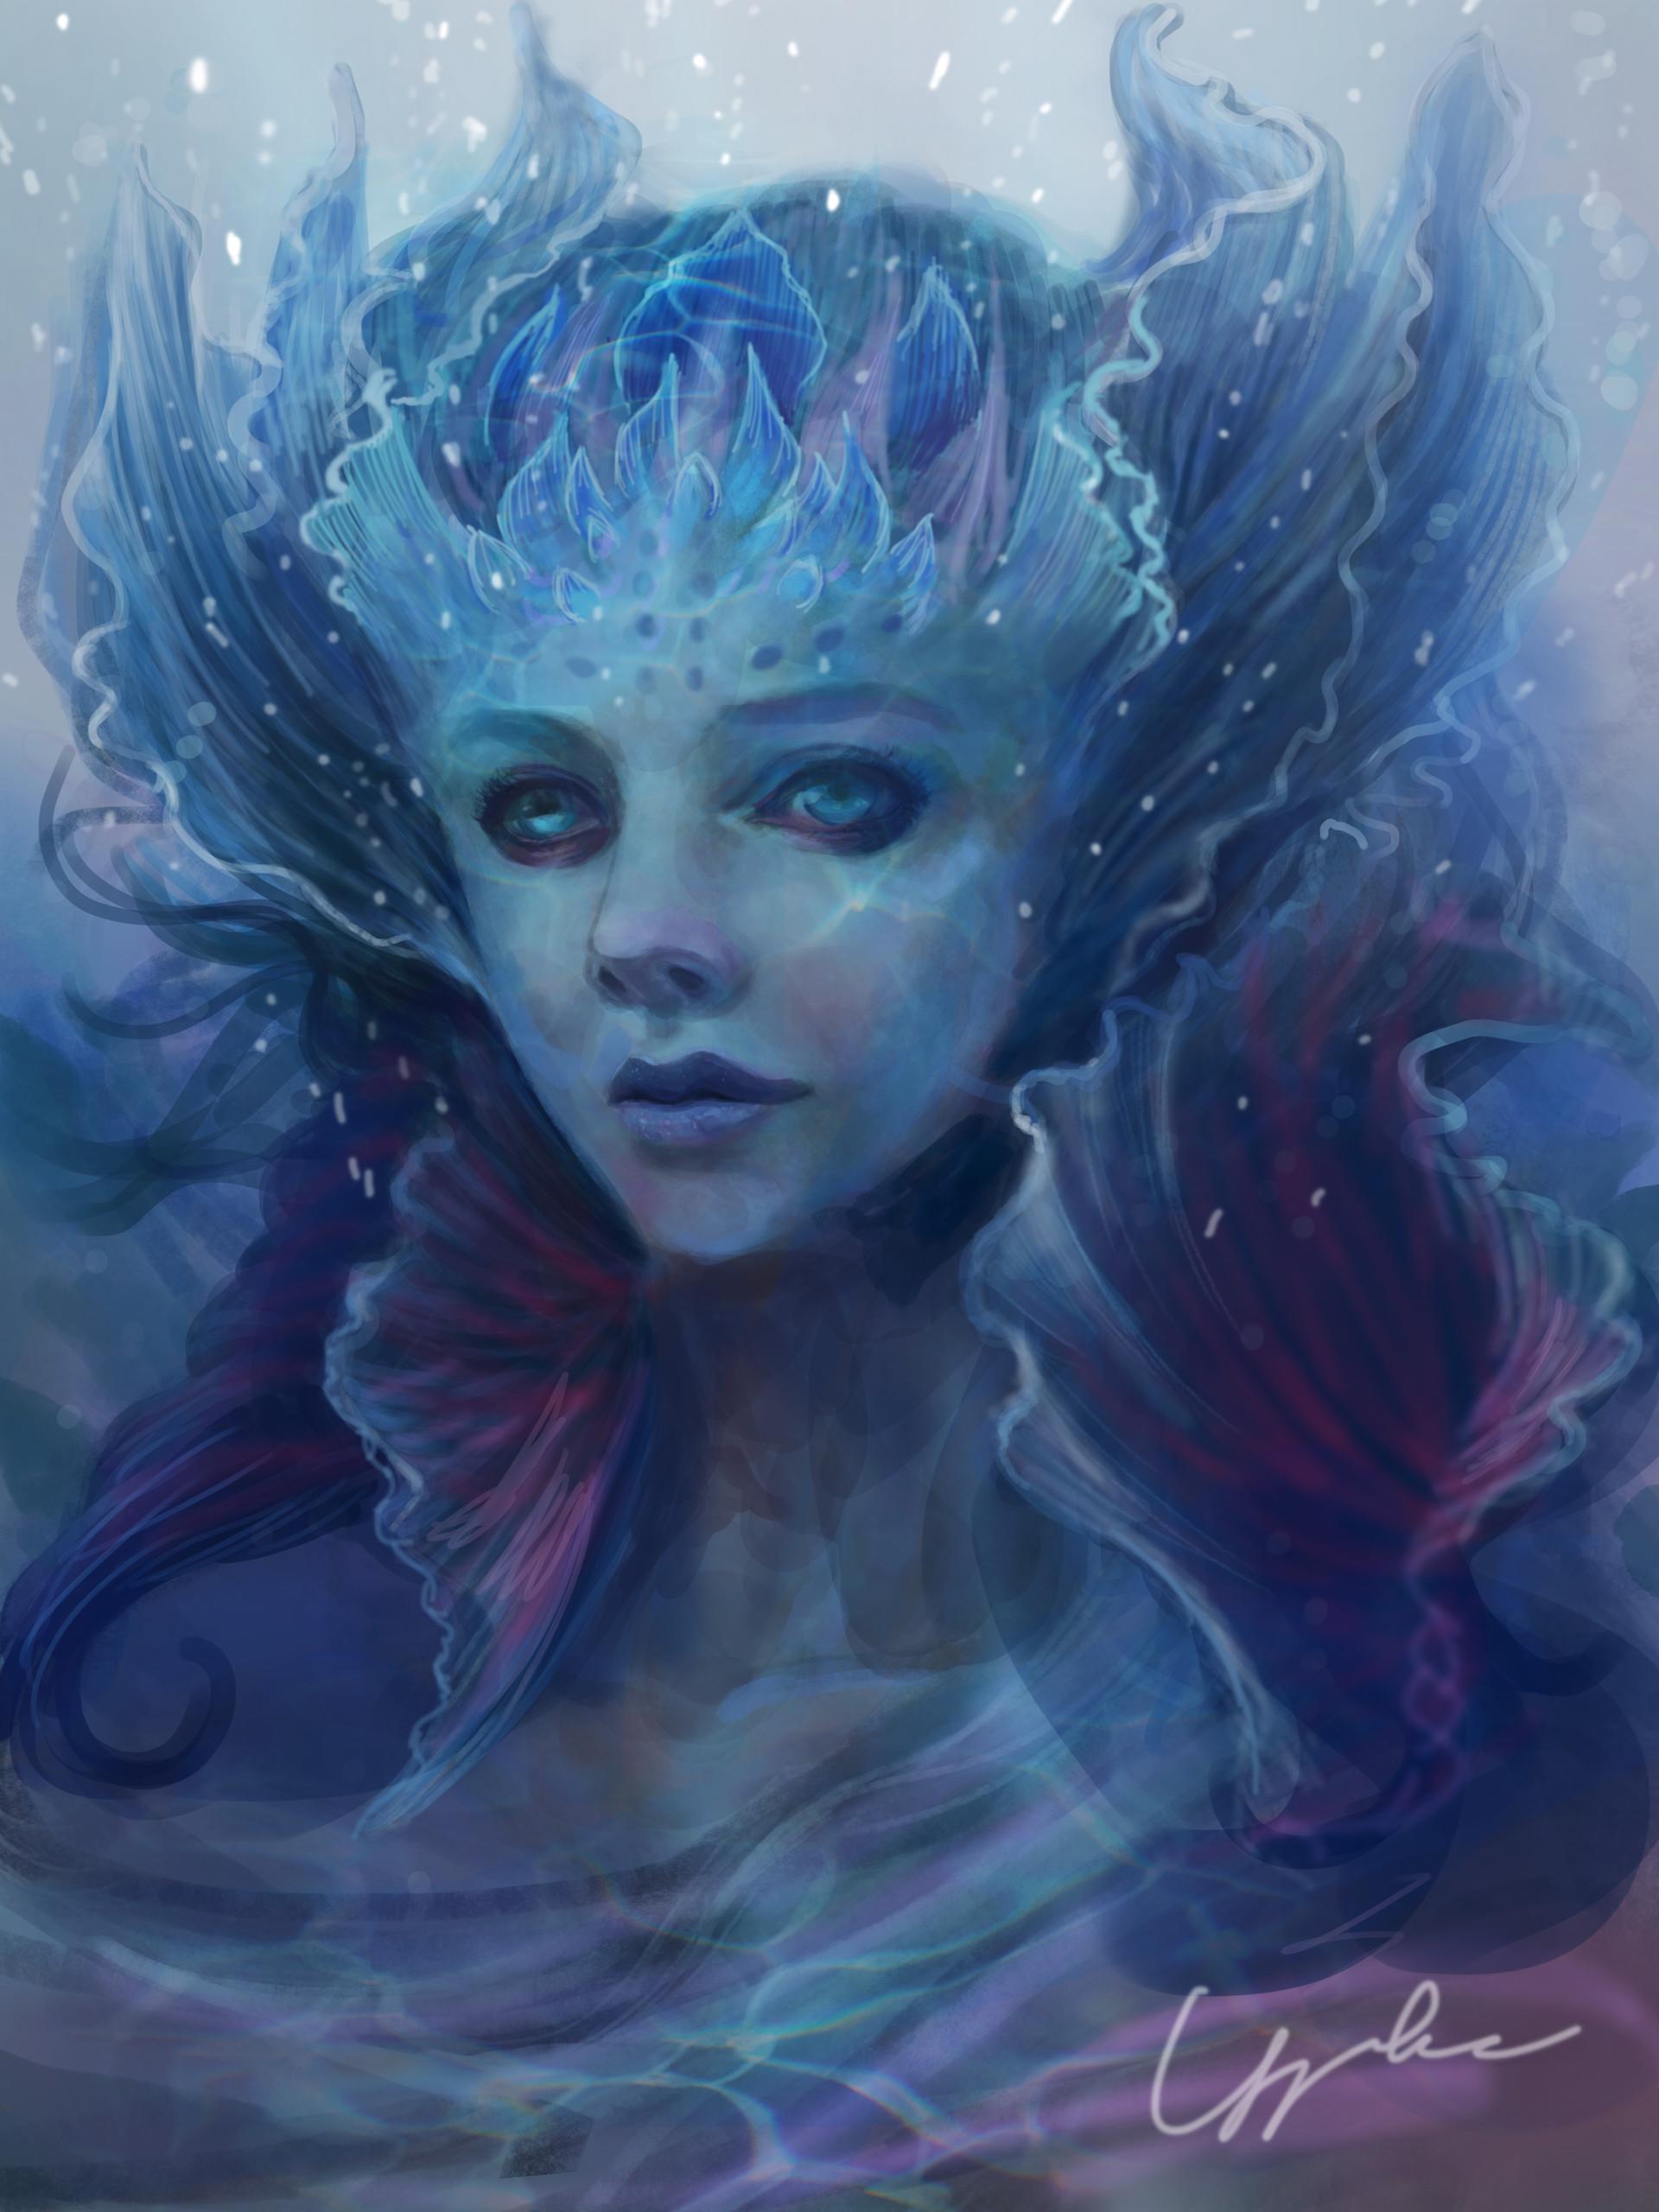 underwater creature design